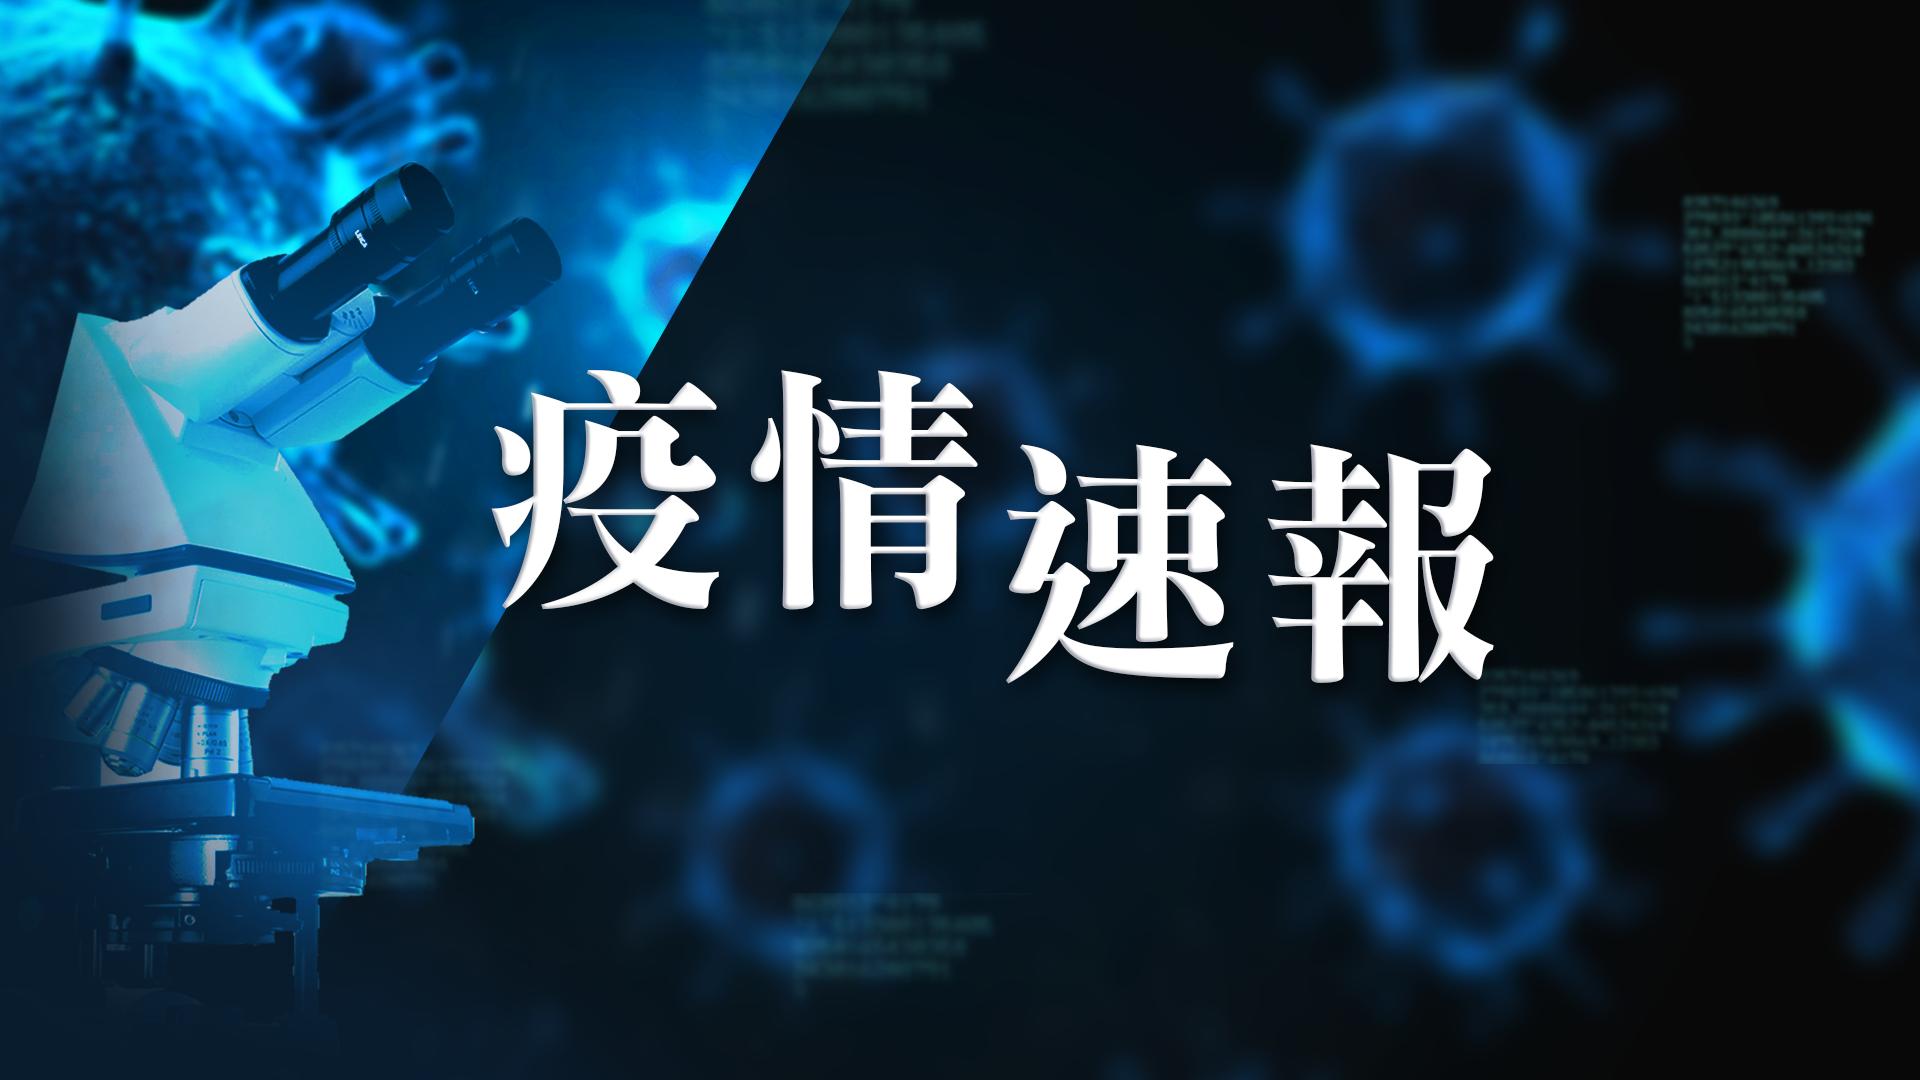 【6月7日疫情速報】(18:30)